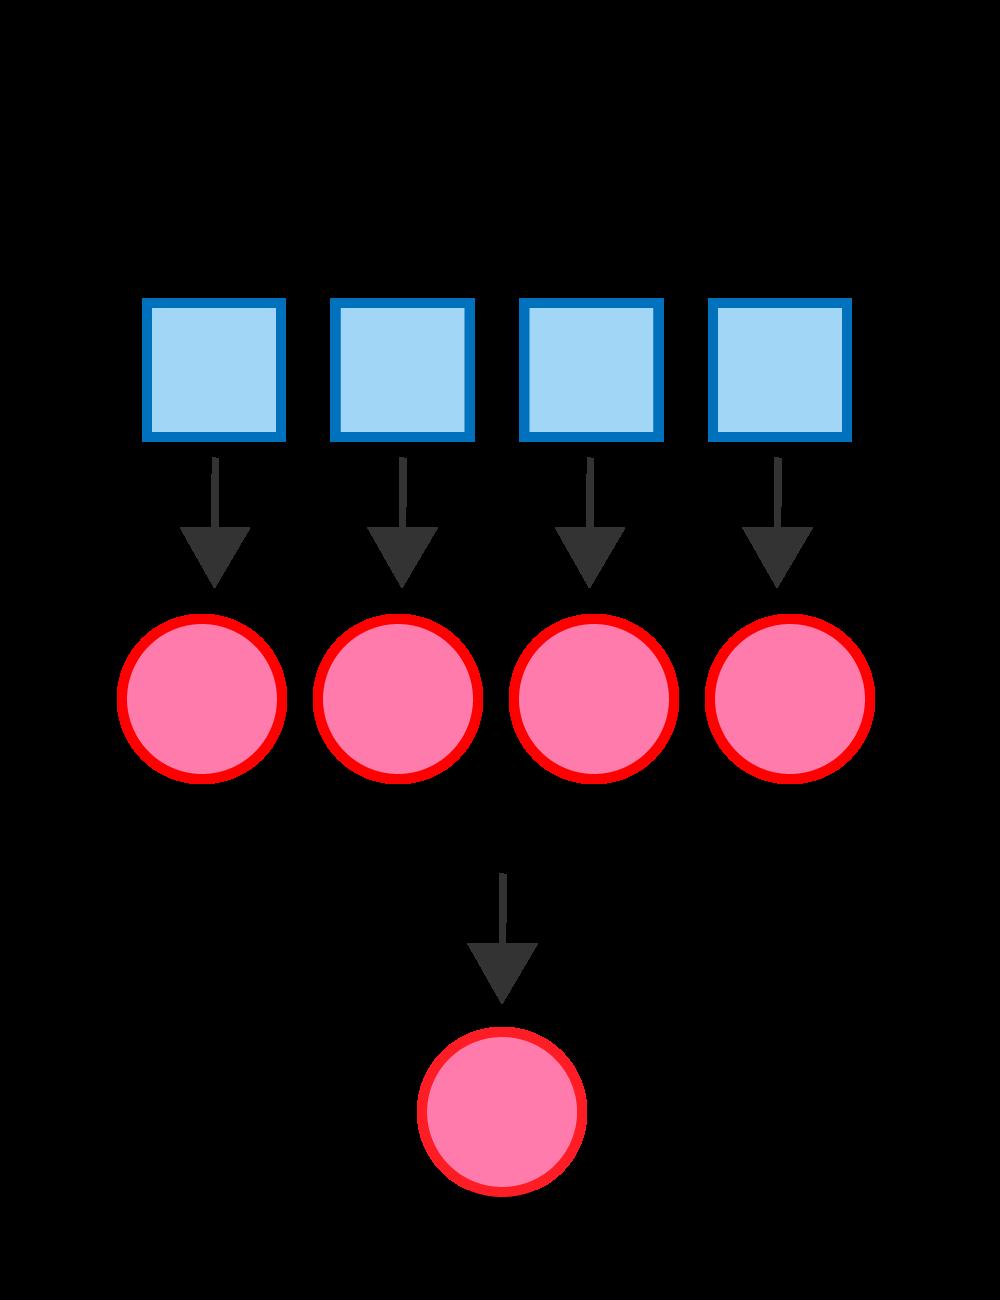 Configuration Prototype